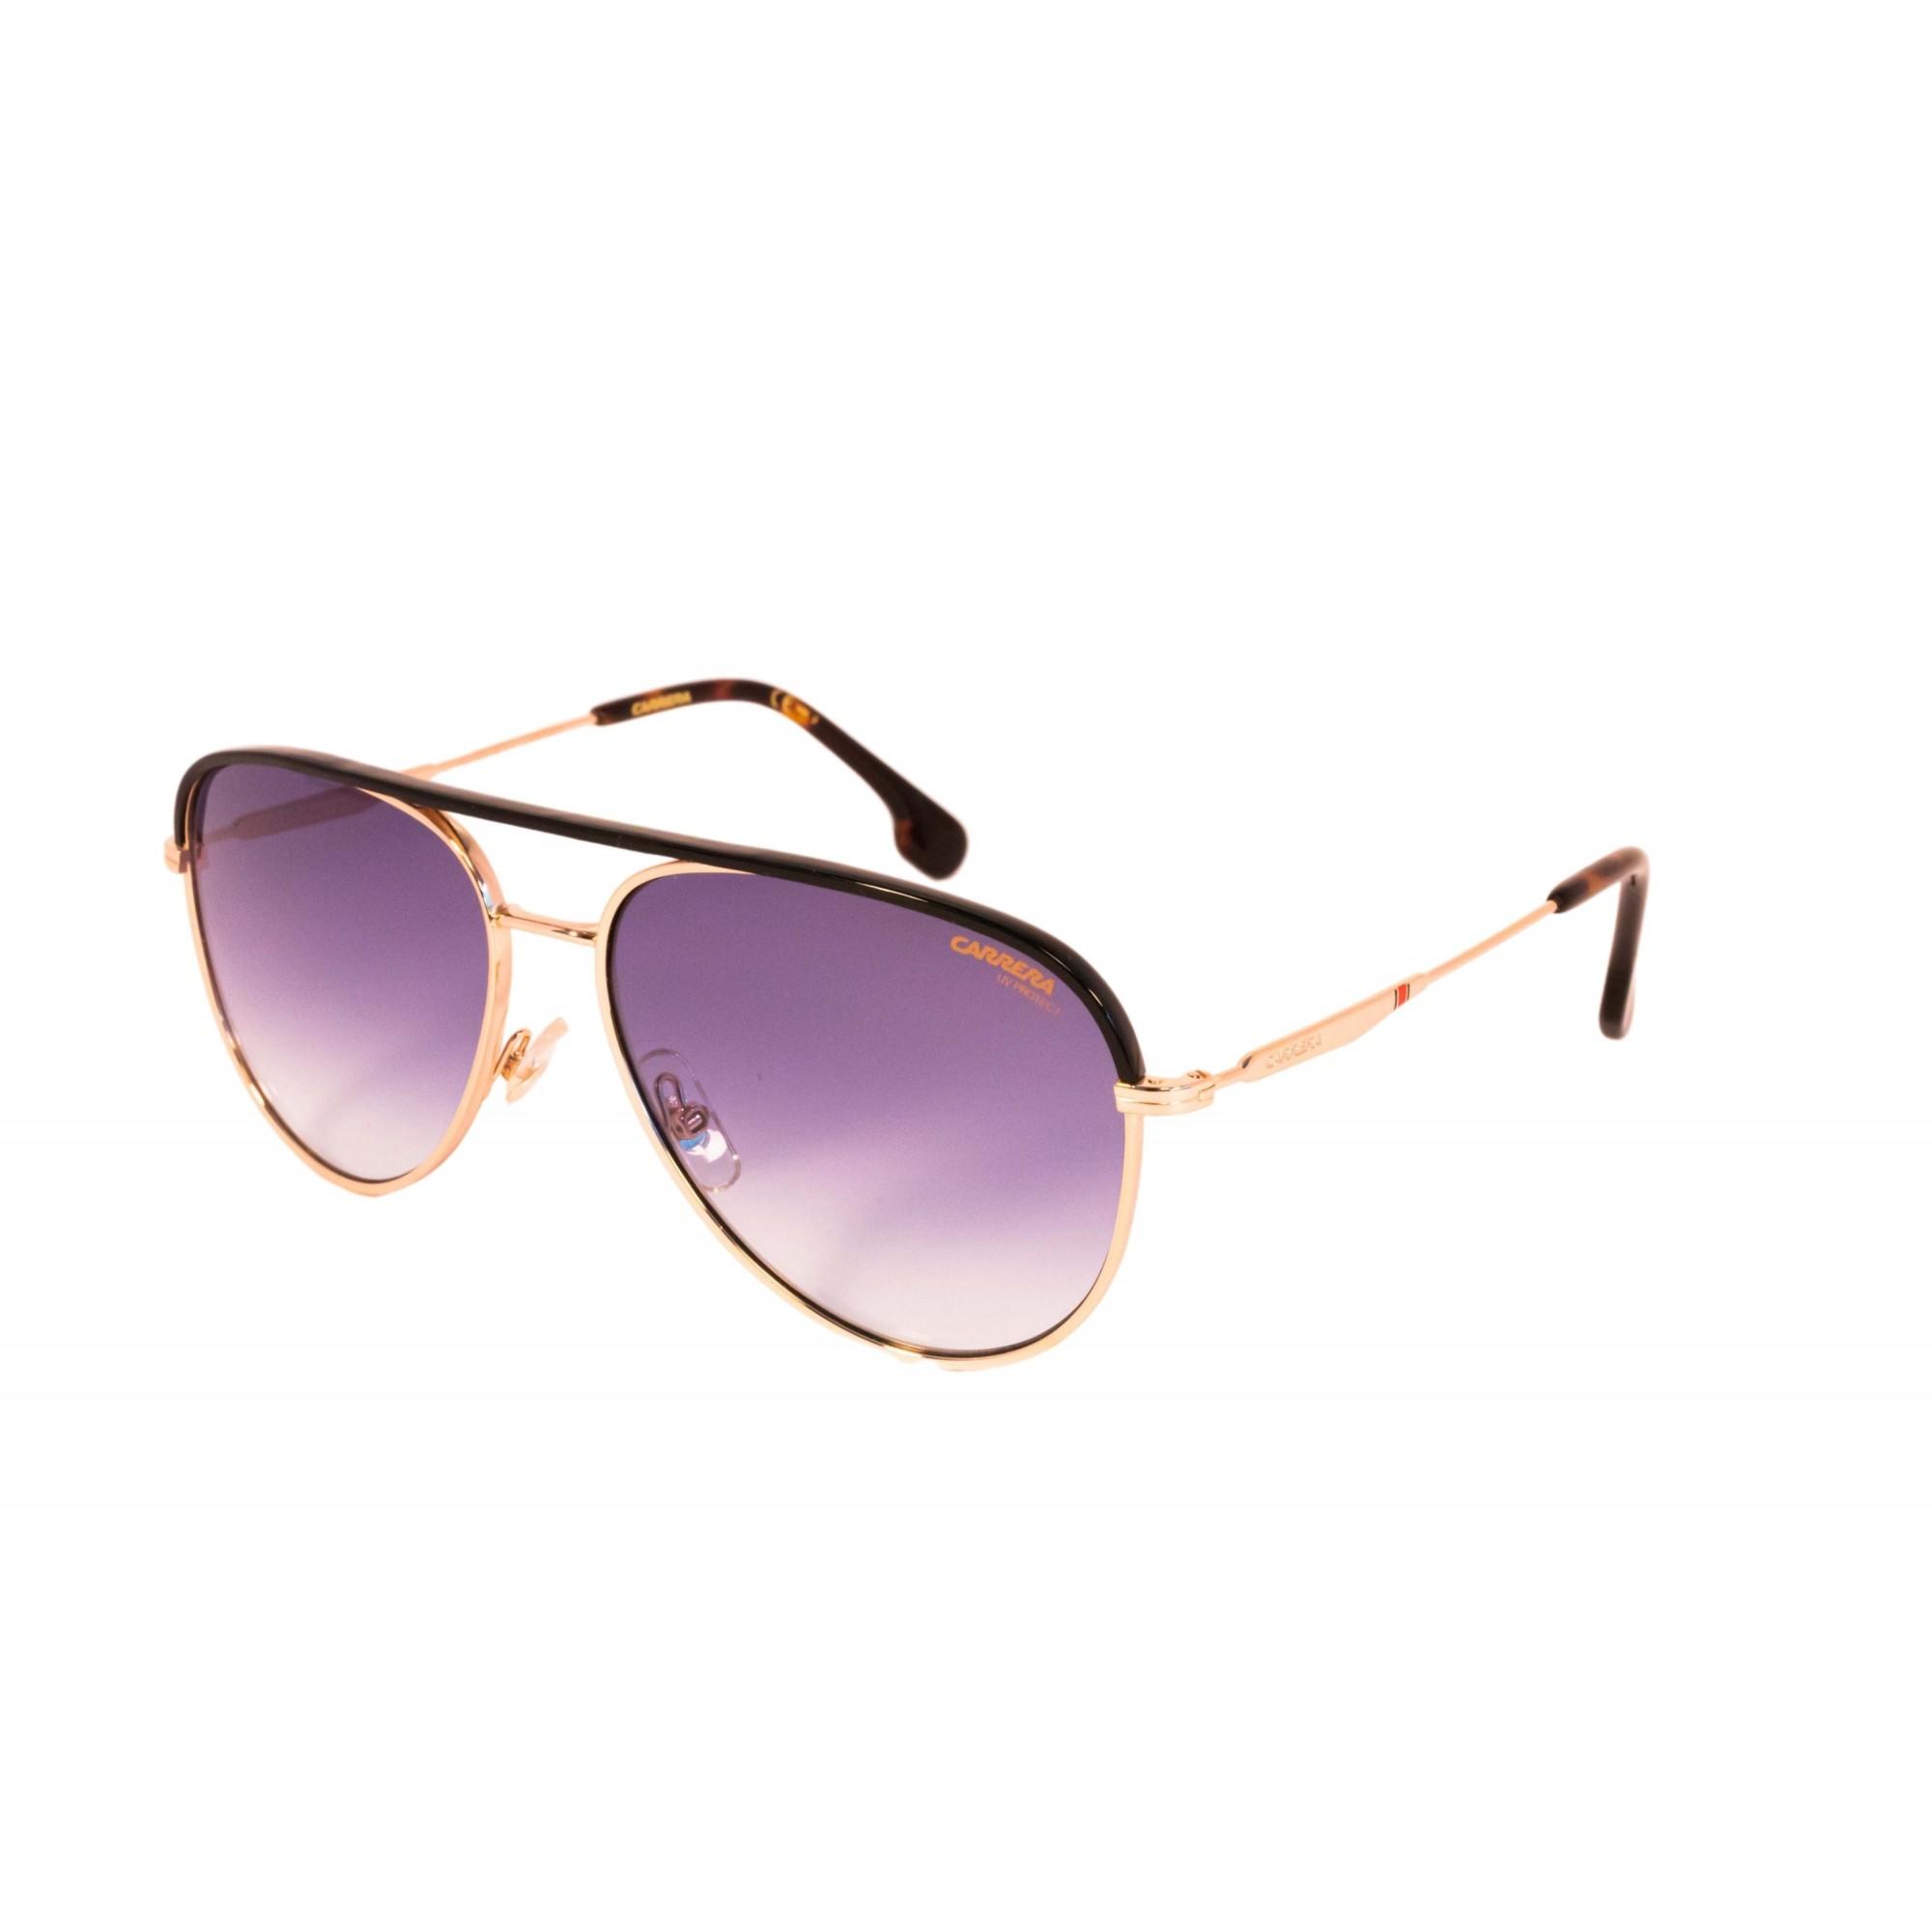 Óculos Carrera Aviador ca209s lks08 58 Prateado